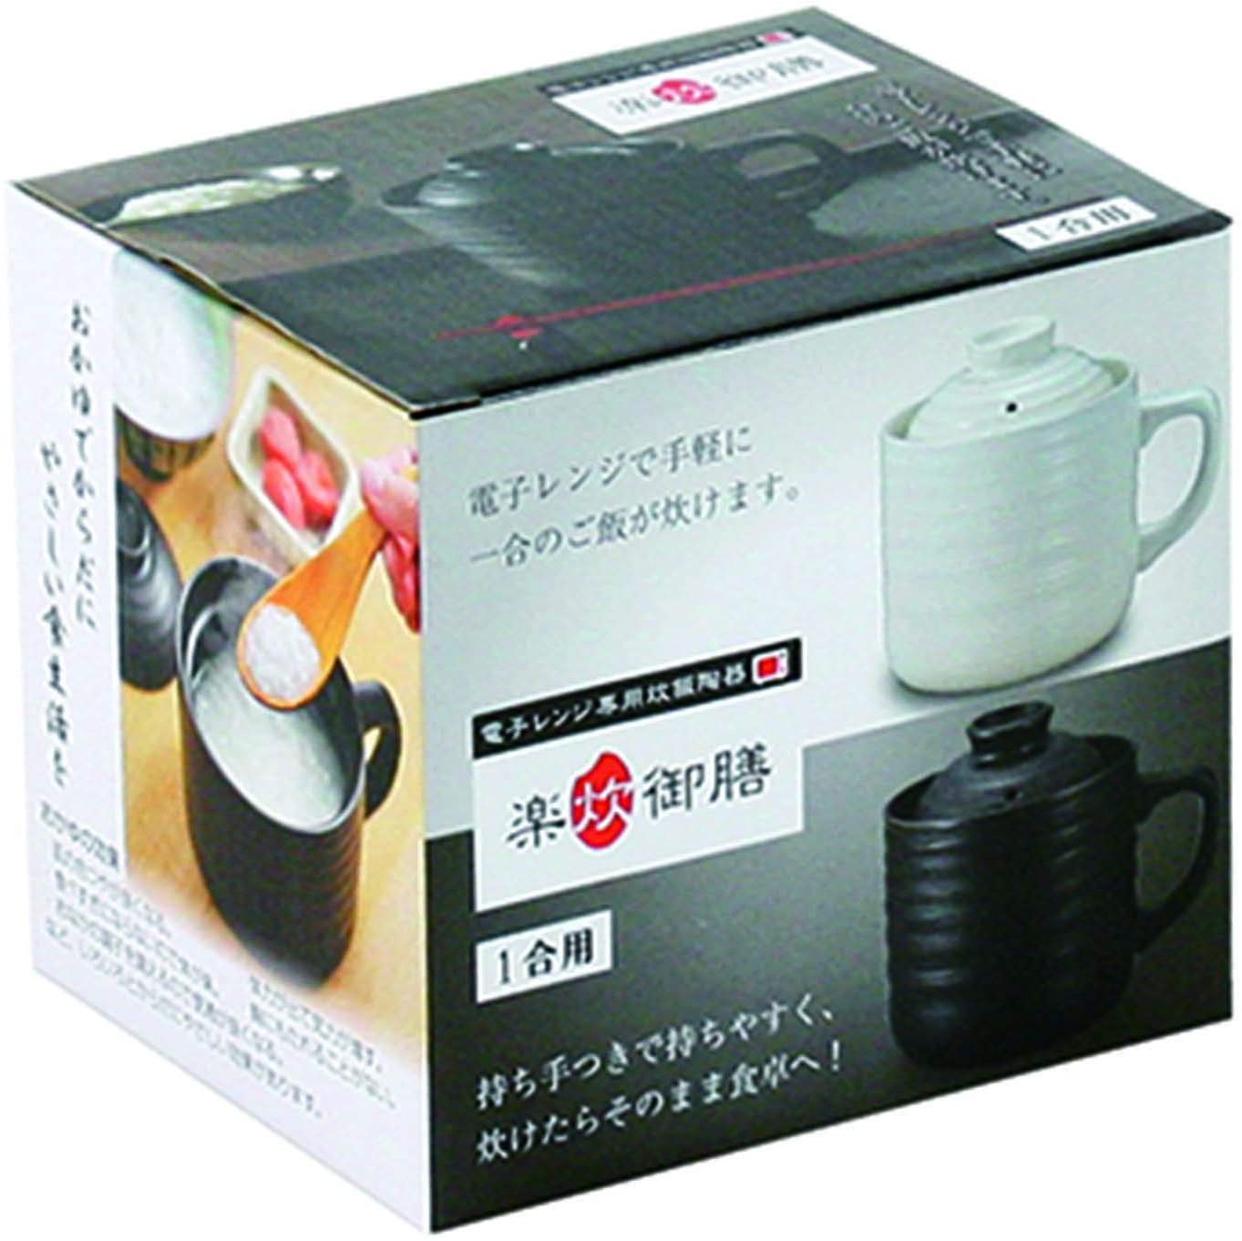 カクセー 電子レンジ専用炊飯陶器 楽炊御膳 T-01Bの商品画像4